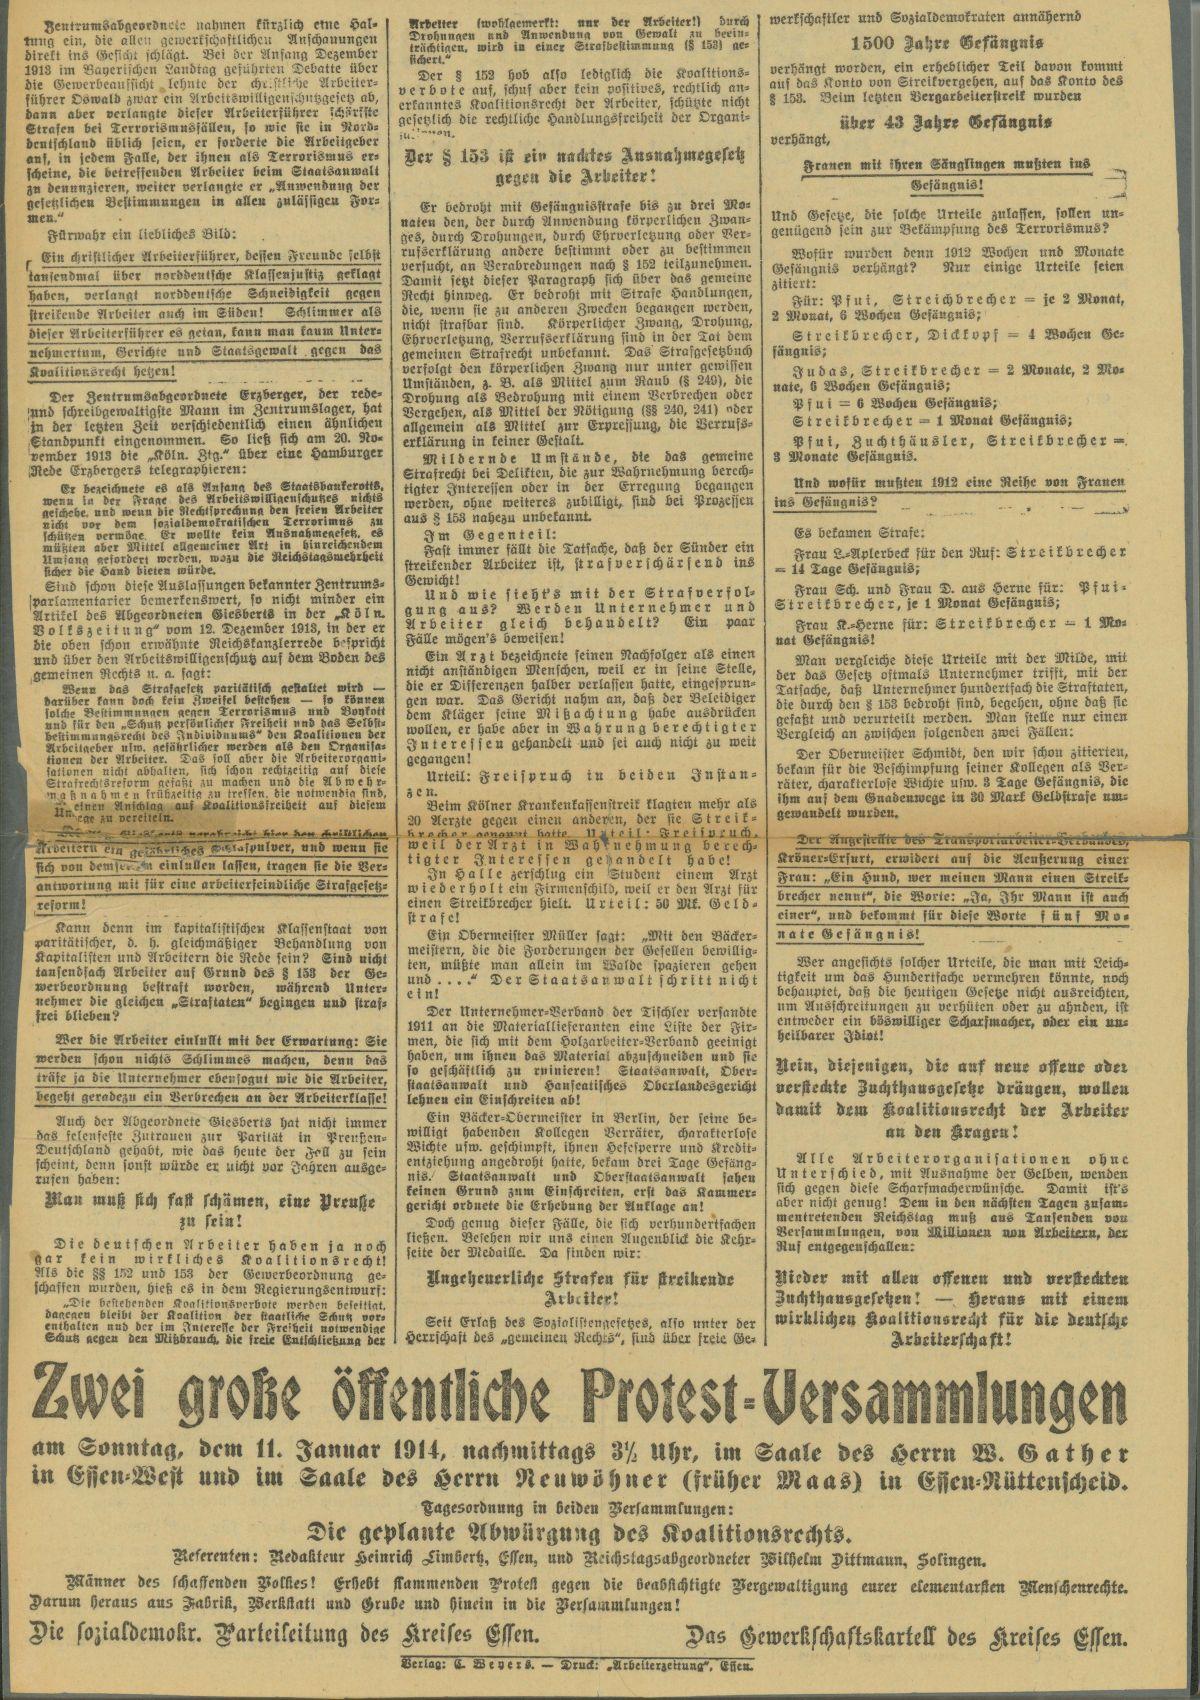 Rückseite der Flugschrift. Rechte: Archiv der sozialen Demokratie der Friedrich-Ebert-Stiftung.